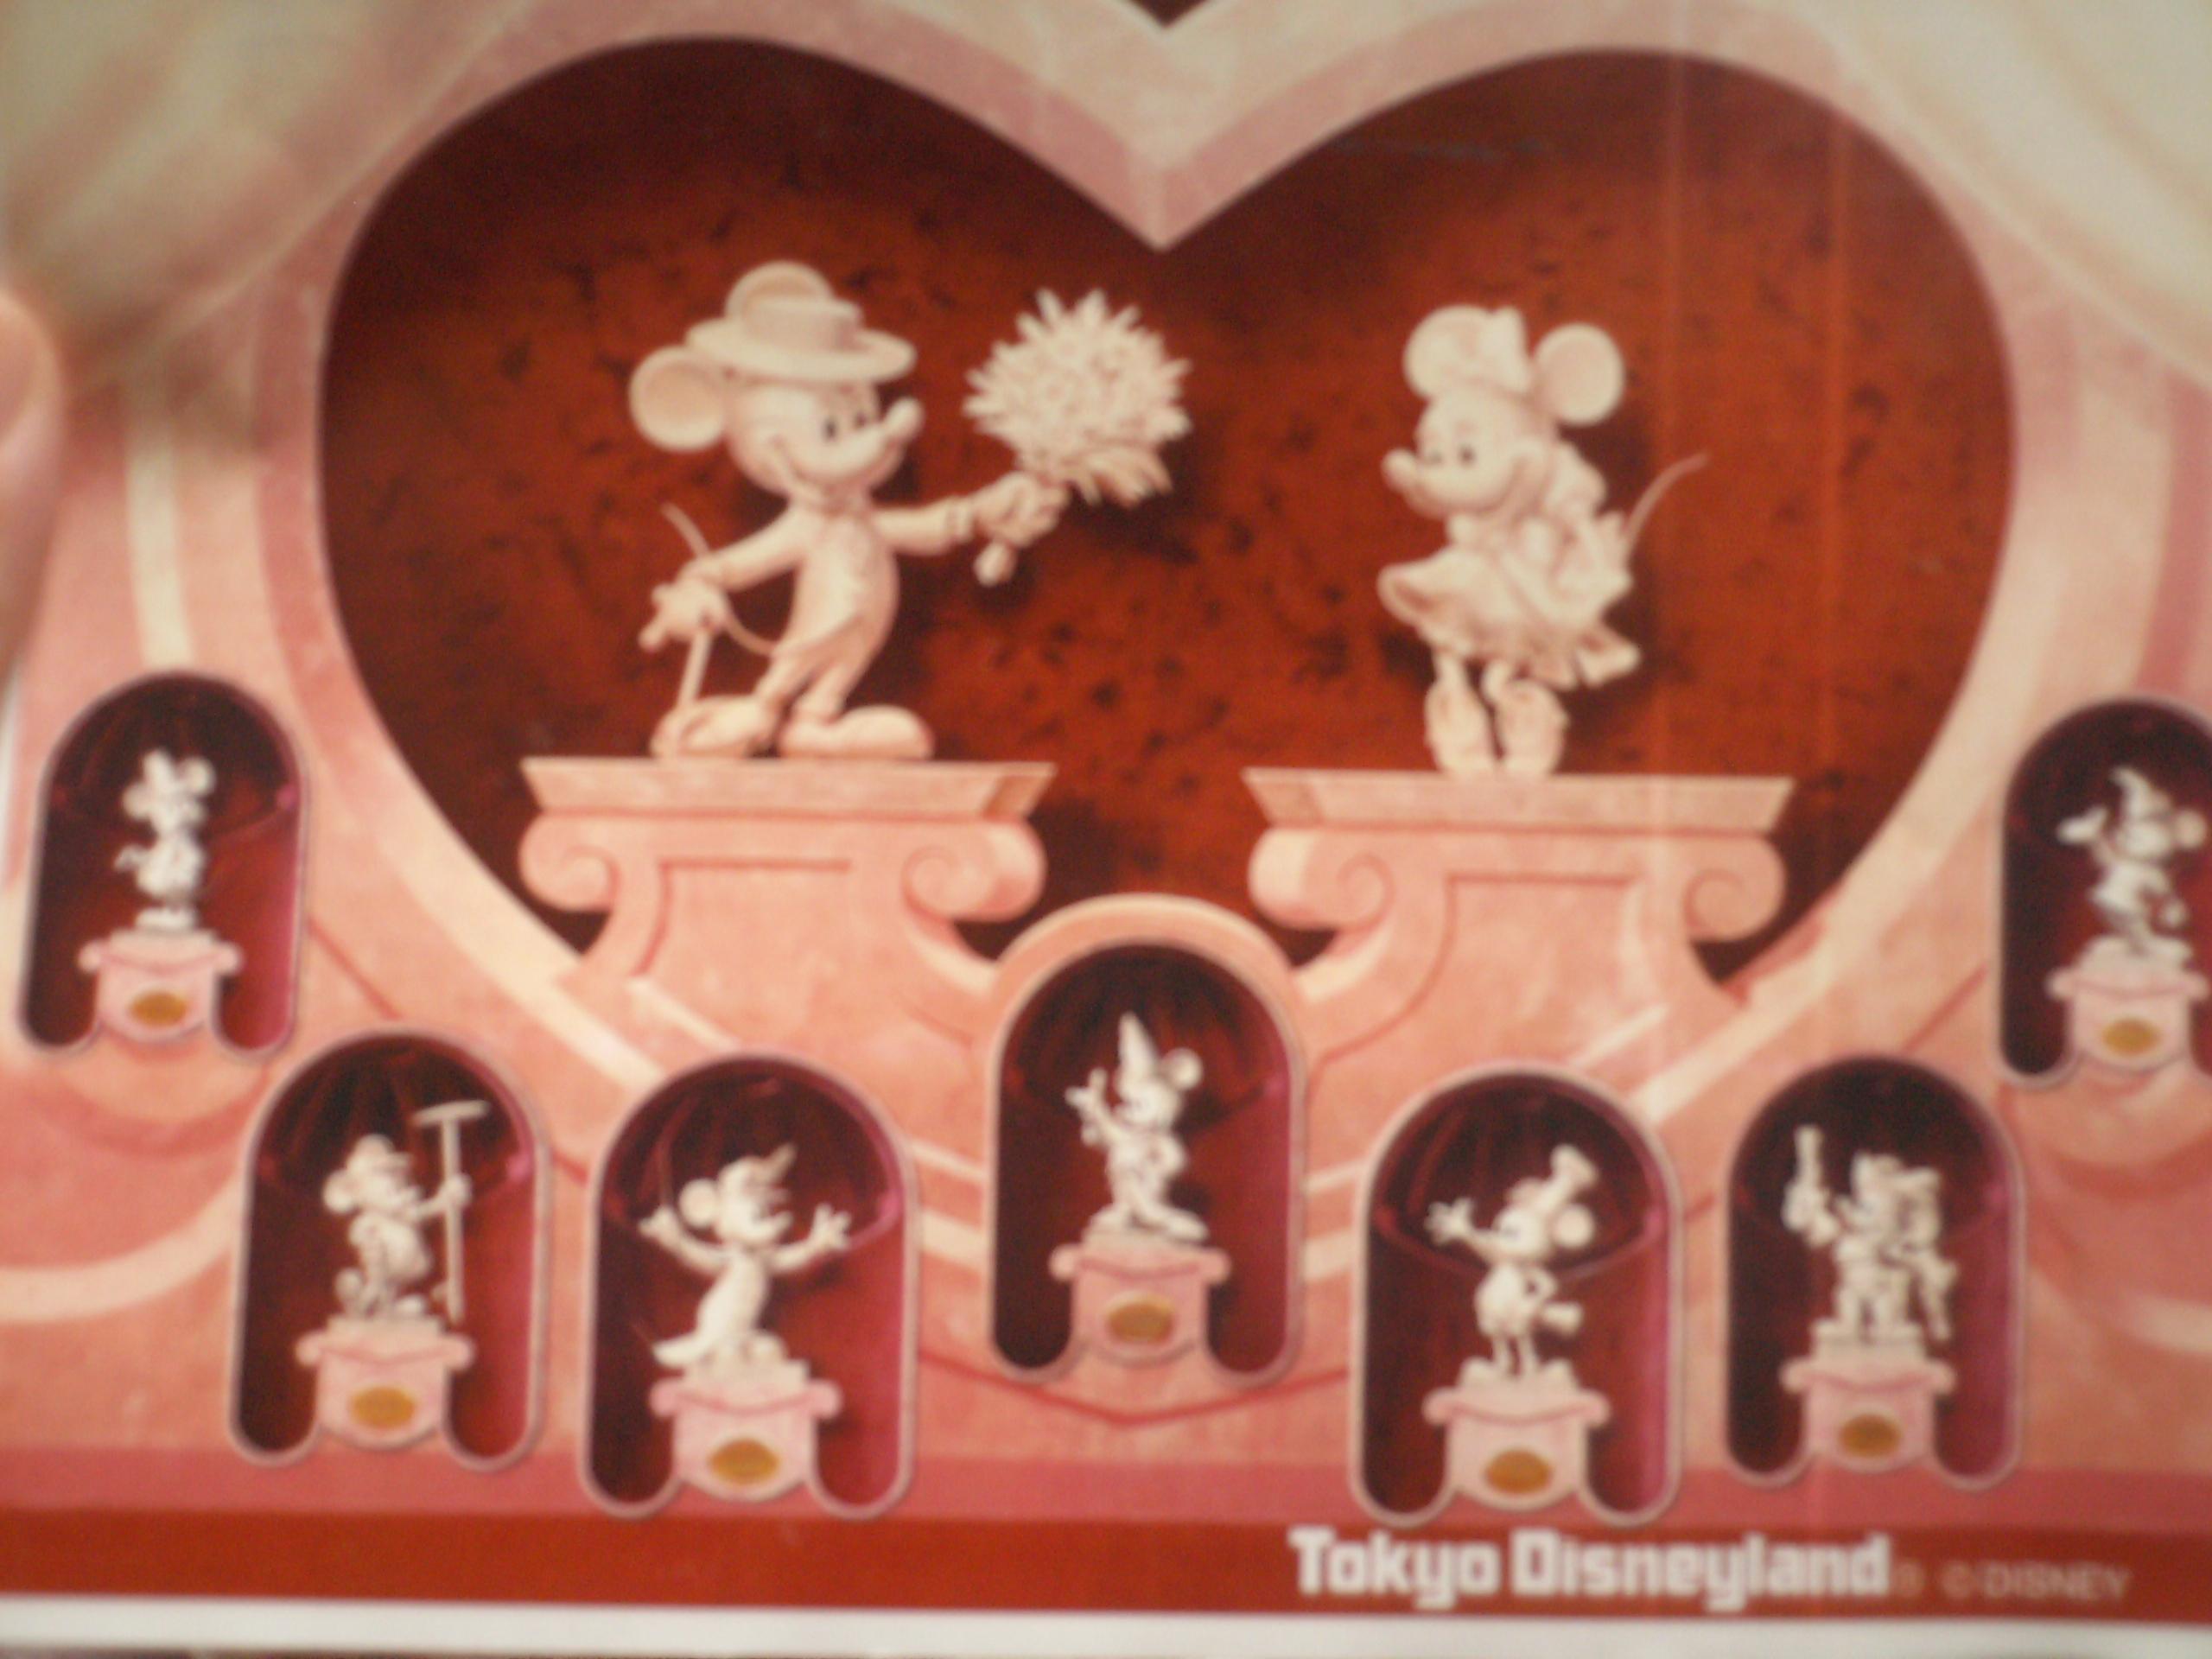 はなの日記ディズニーだいすき! : 東京ディズニーランドの日記